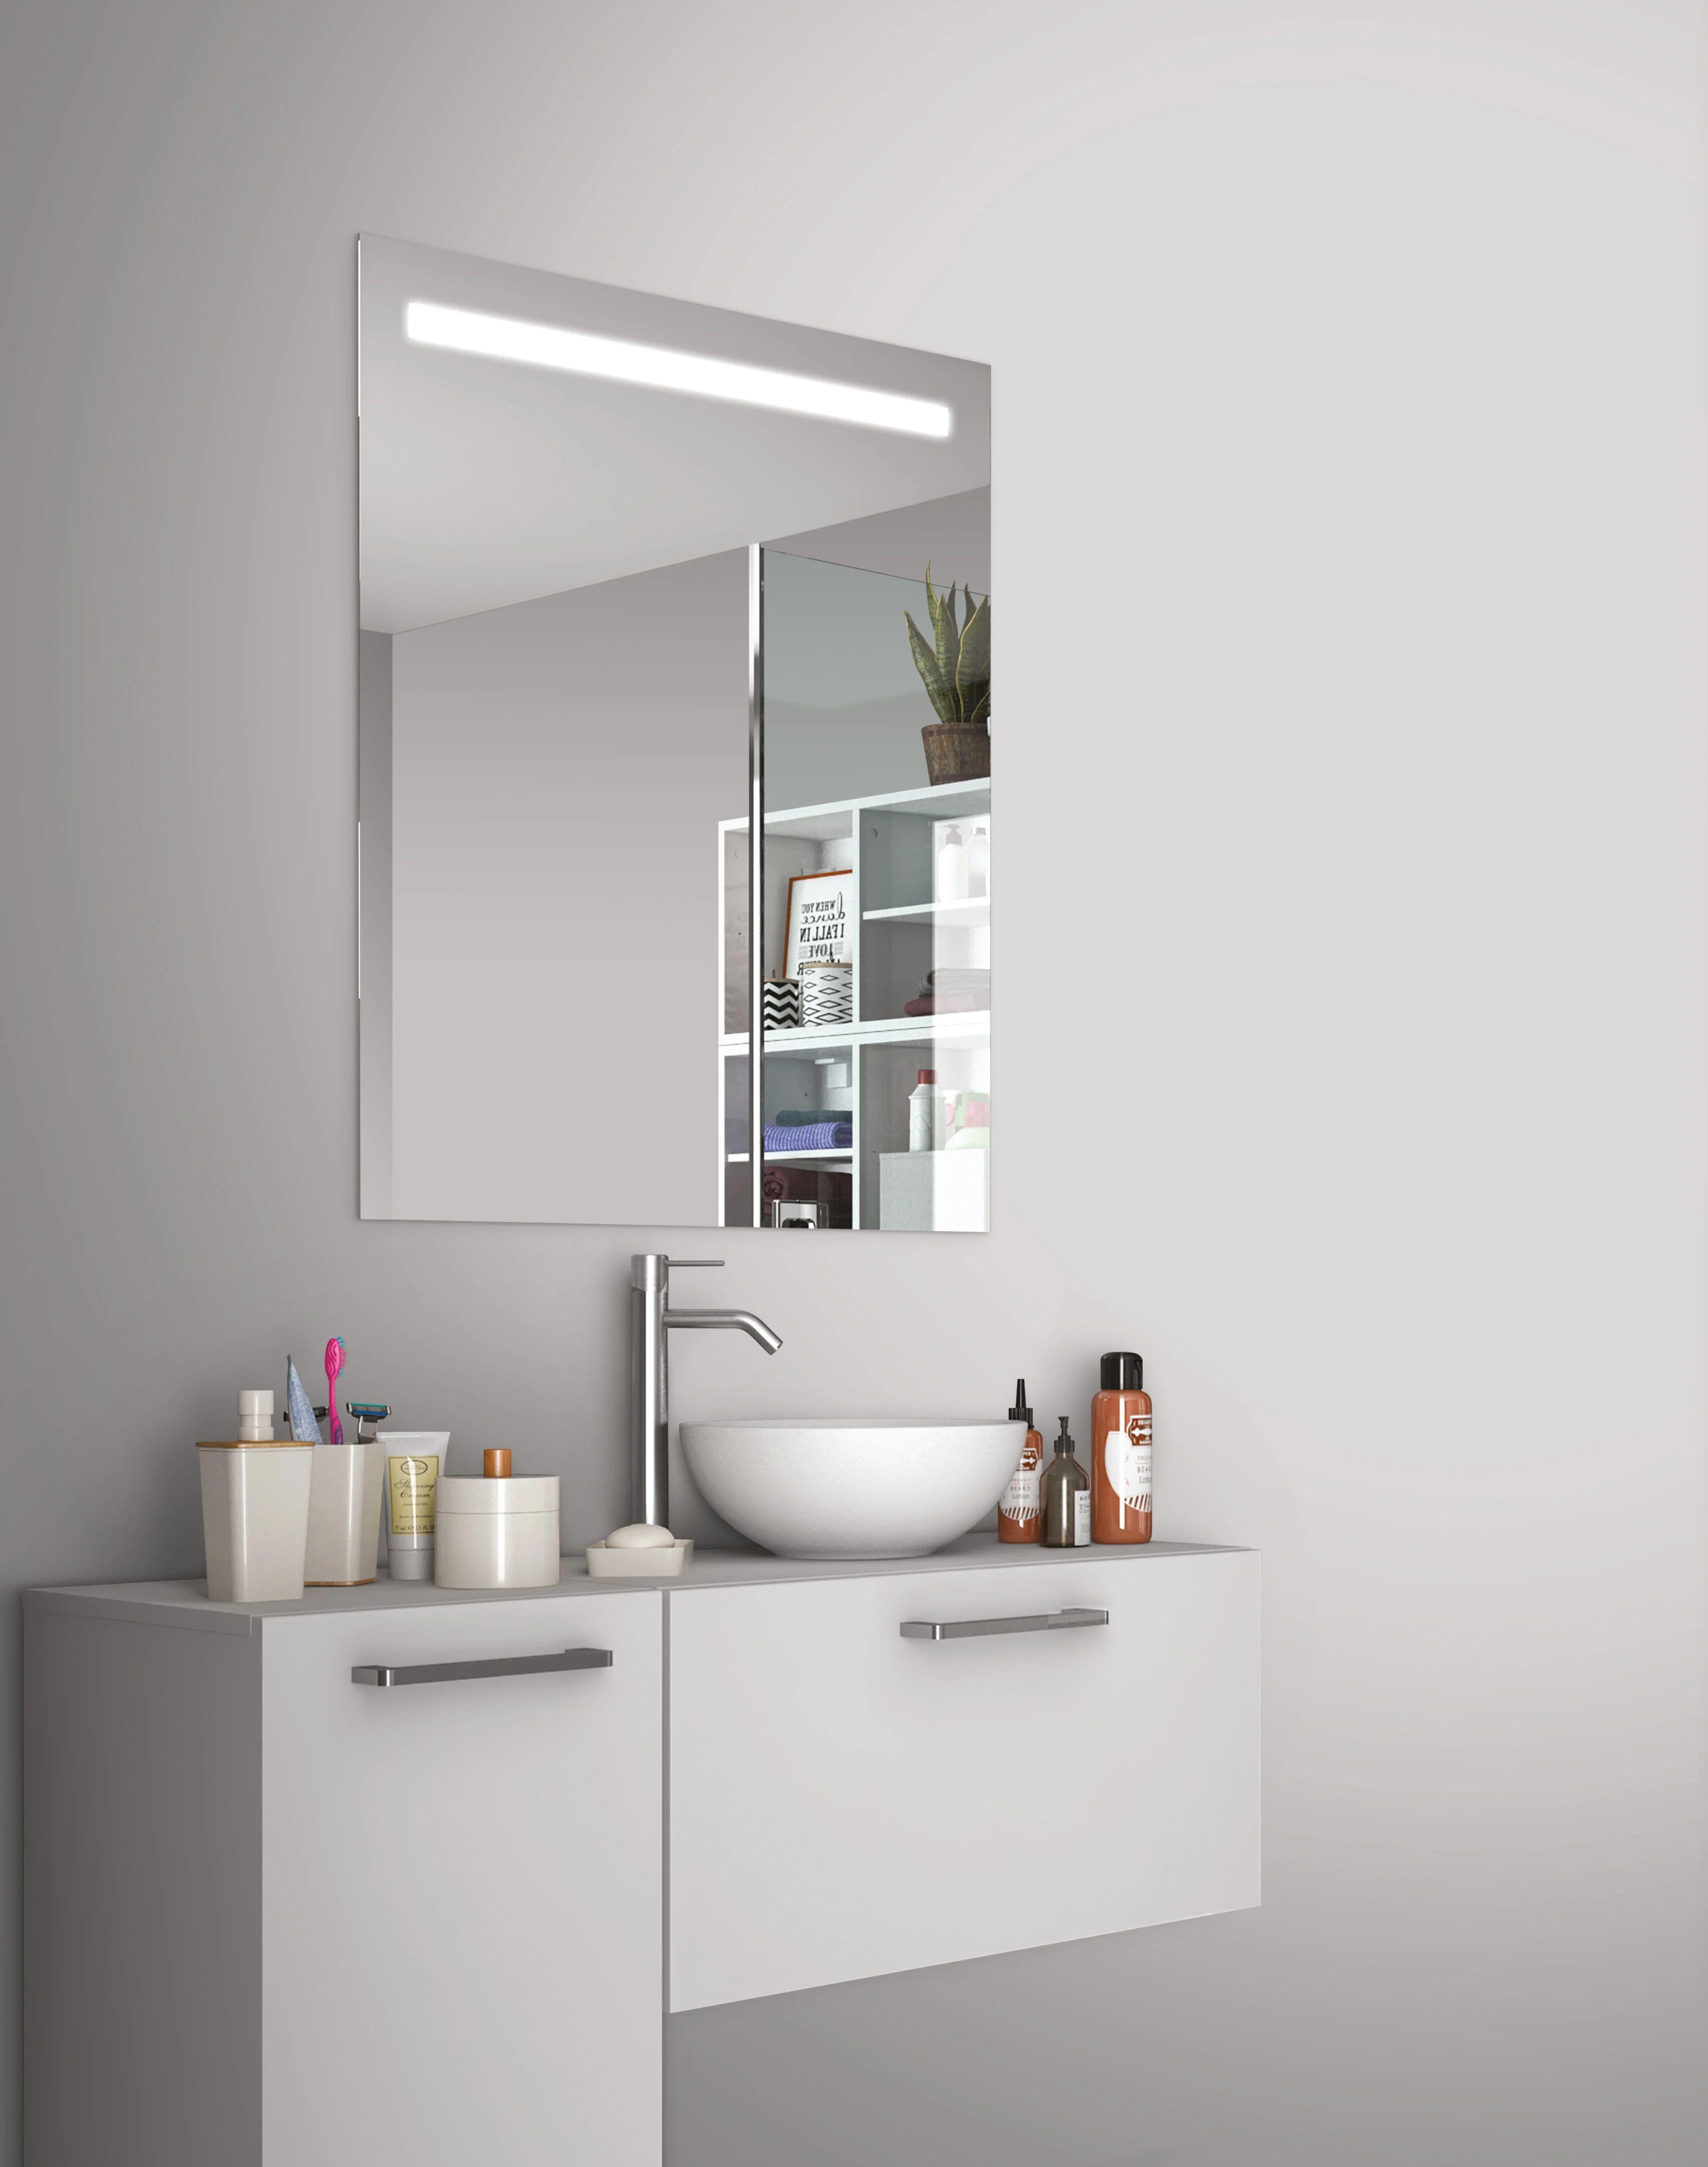 Miroir Lumineux Avec Eclairage Integre L 80 X H 70 Cm Essential Leroy Merlin